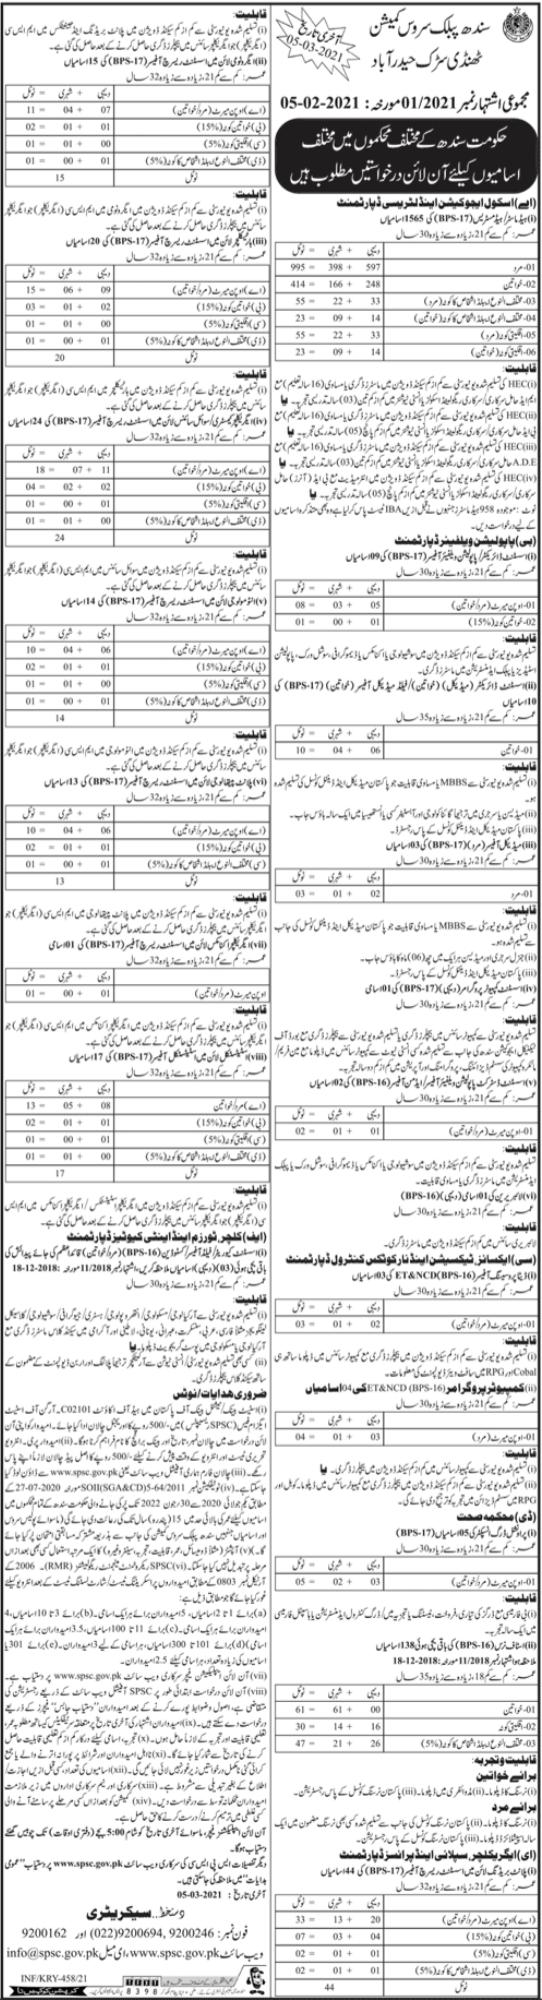 Sindh Public Service Commission SPSC Jobs 2021